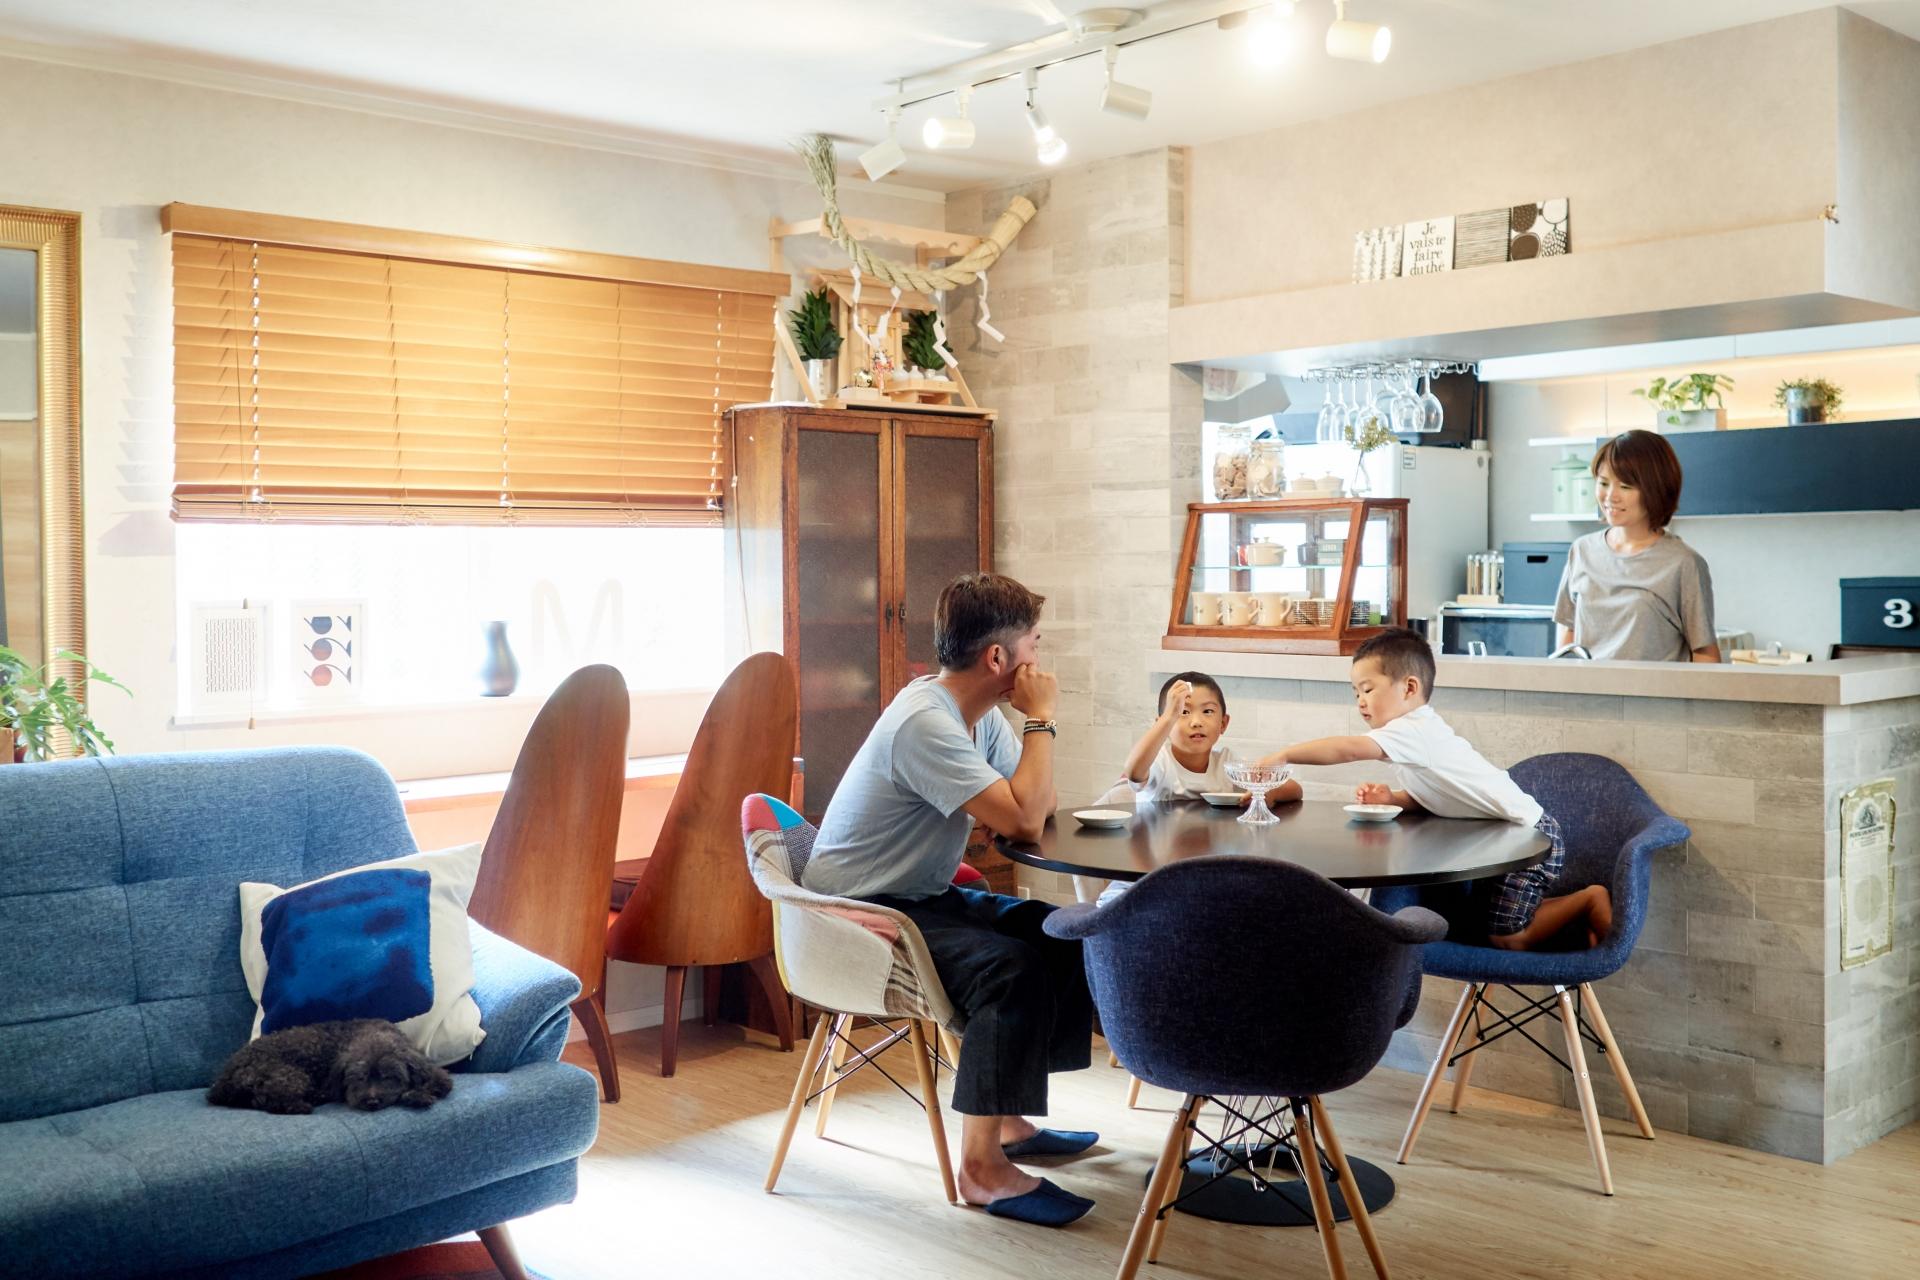 数十万の高級家具も数万円から利用可能なケースも。「持つ」から「借りる」へ1人暮らしにも便利な「家具のレンタル」という選択